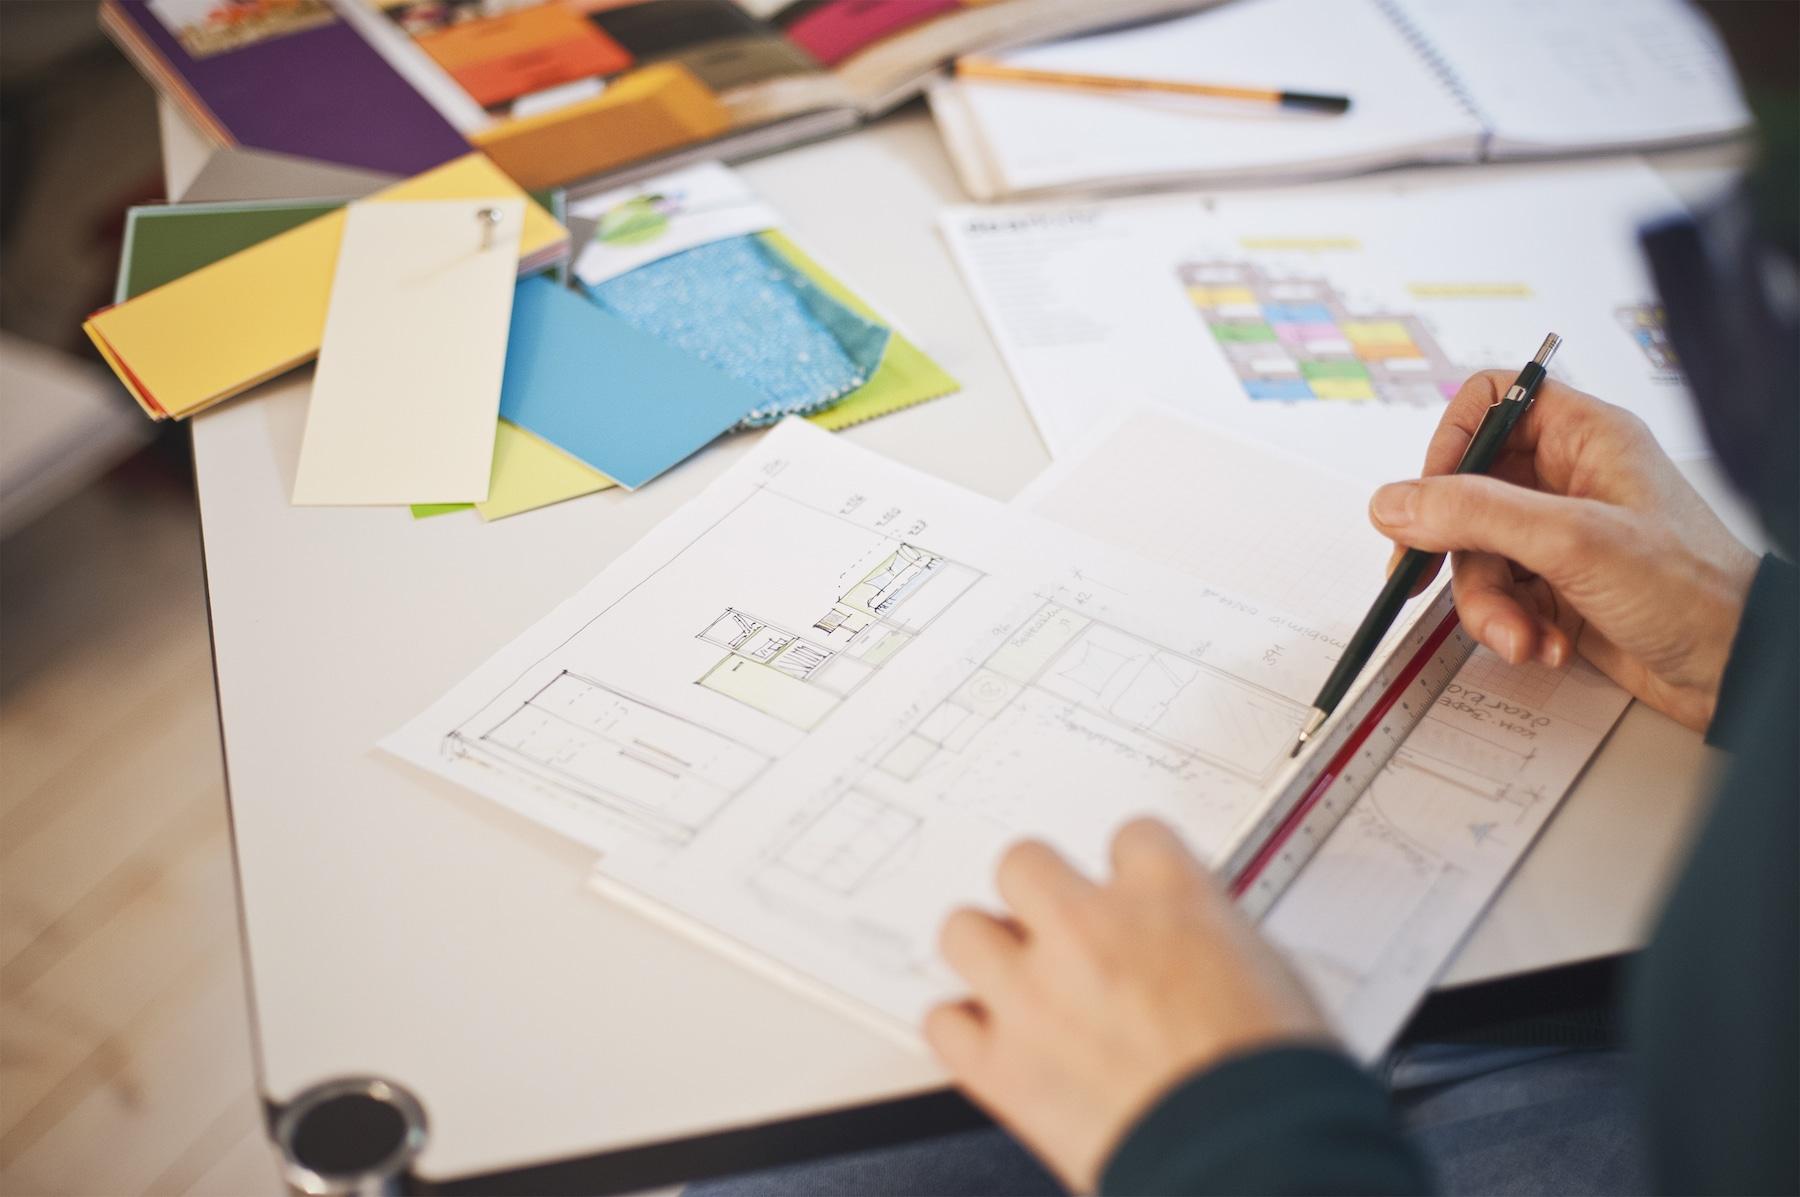 Kinderzimmer planen Jugendzimmer planen und einrichten